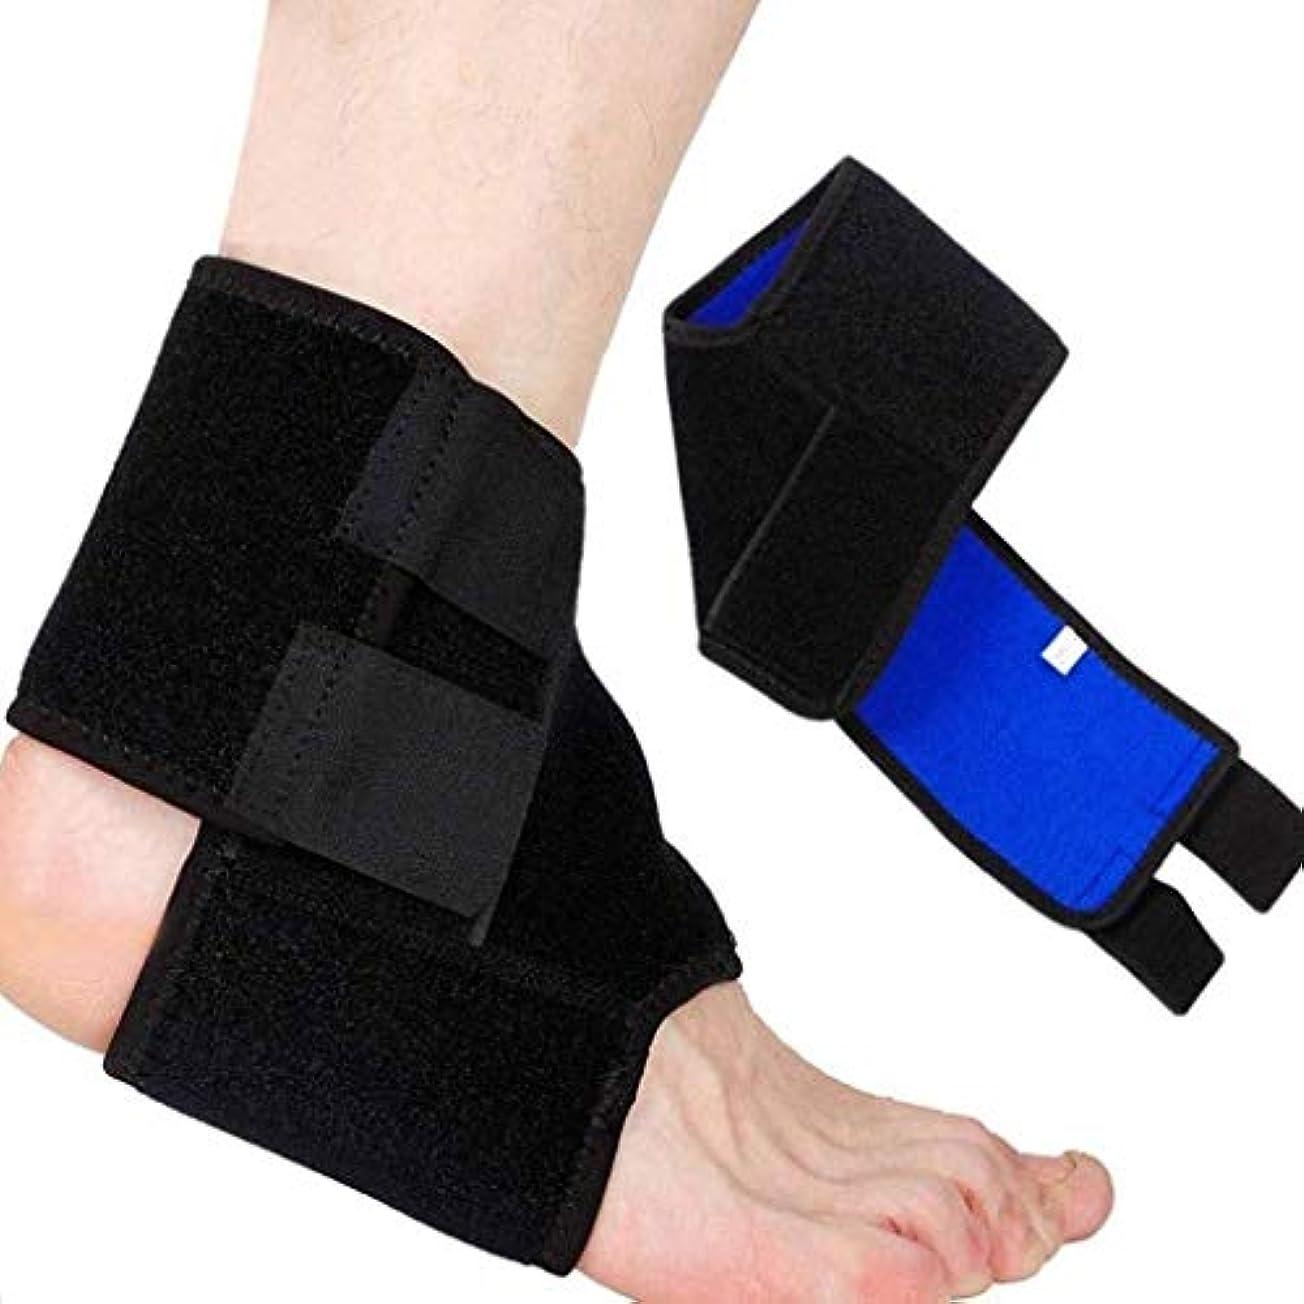 小川トロピカル送る足首サポート、足首ブレース通気性ナイロン弾性素材スポーツ用足首ラップ、関節痛、捻rain疲労など